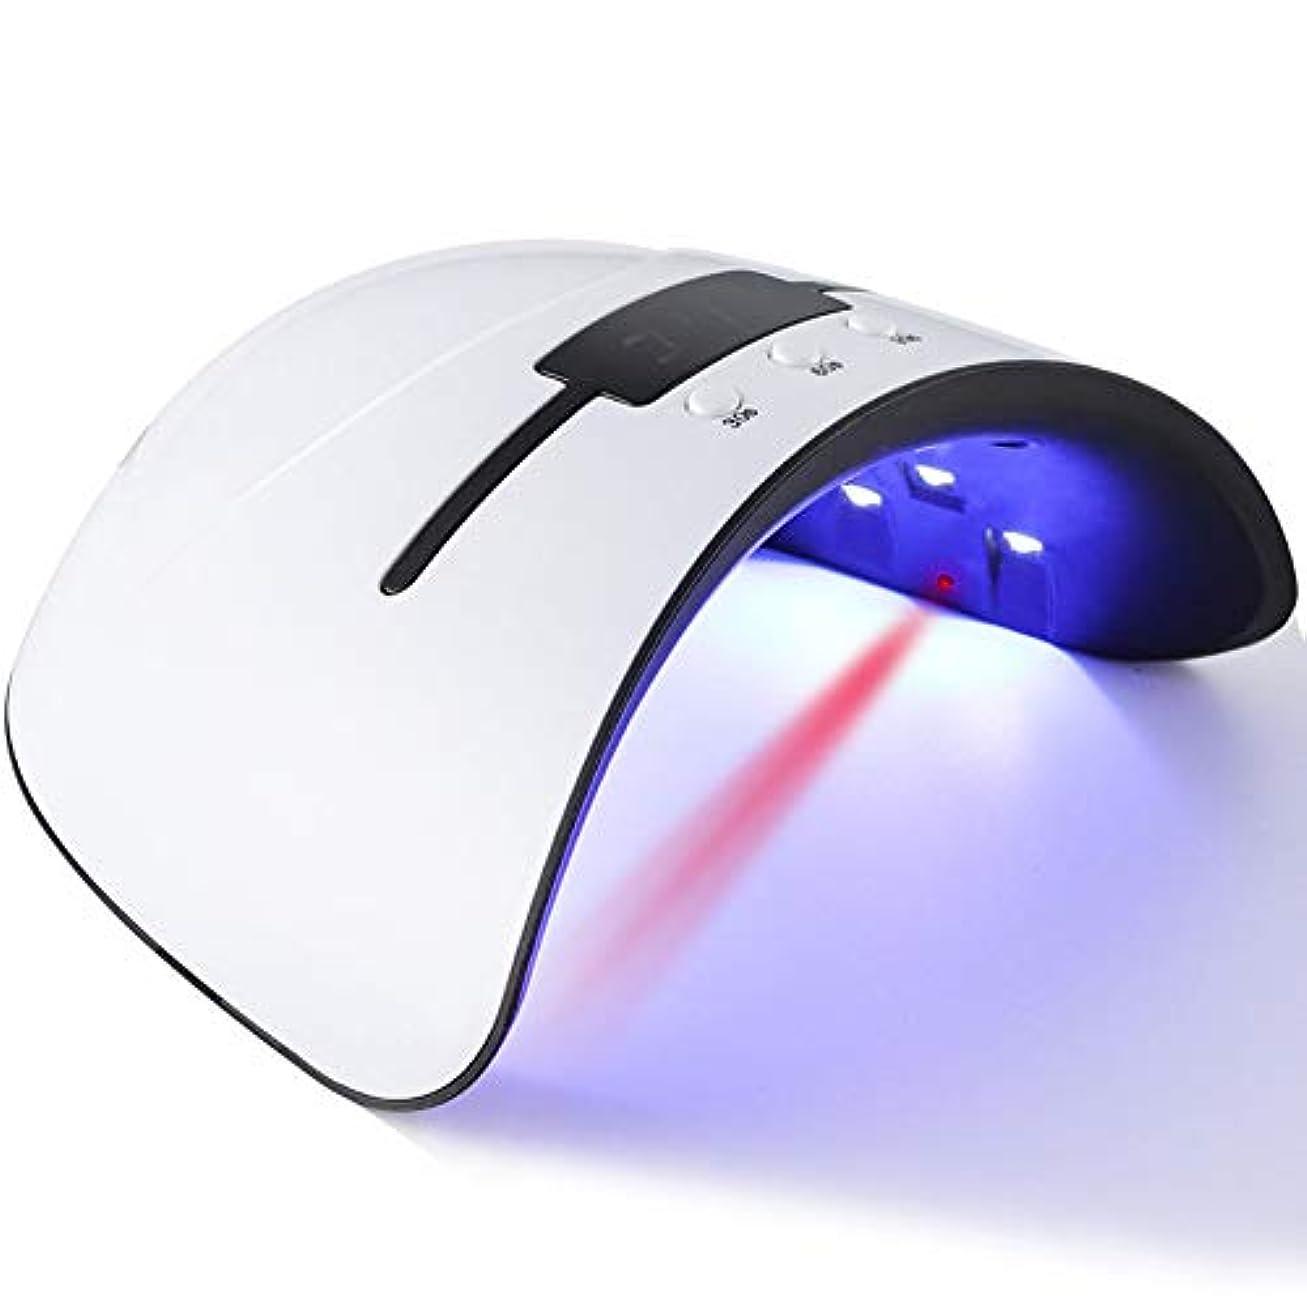 ネーピア人物混沌硬化ライト ネイルlight ジェルネイル LED ネイルドライヤー 日本語説明書付属 36W 無痛硬化 赤外線検知